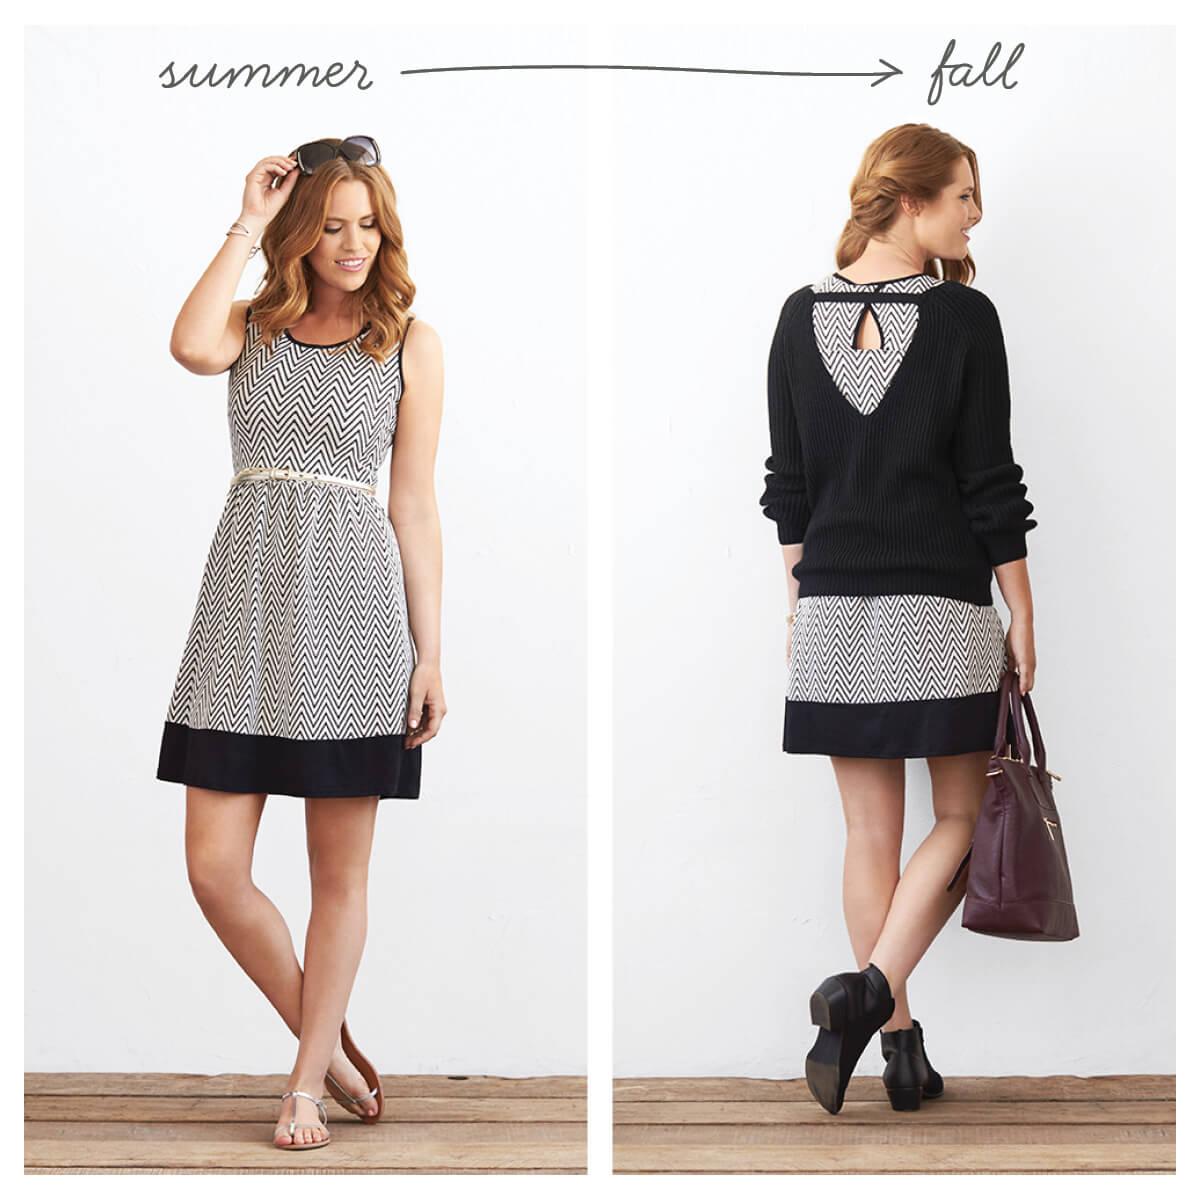 How to make a summer dress a winter dress